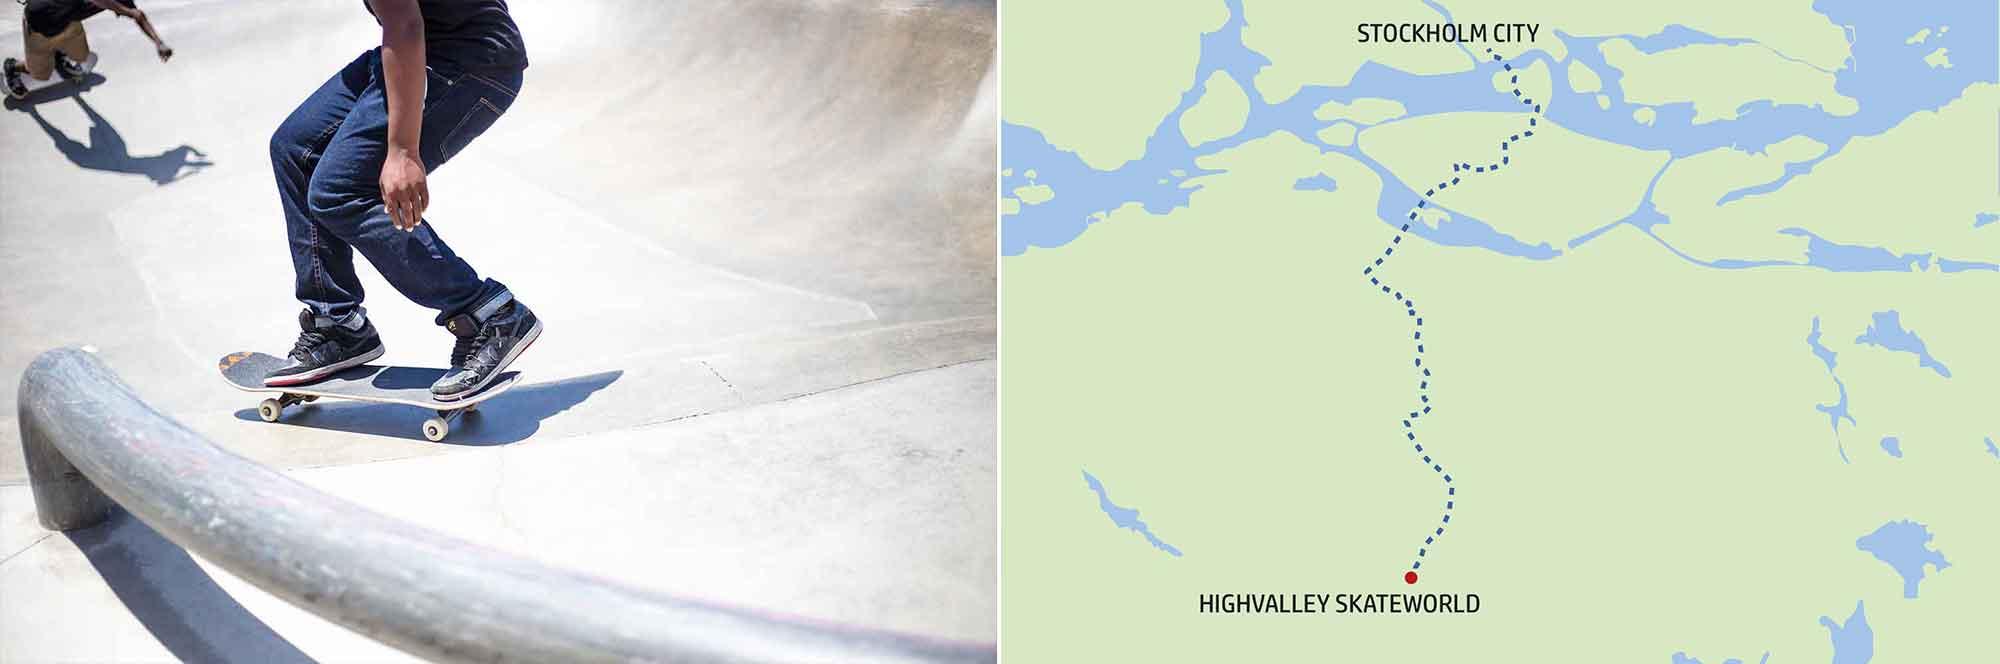 Highvalley Skateworld, färdväg